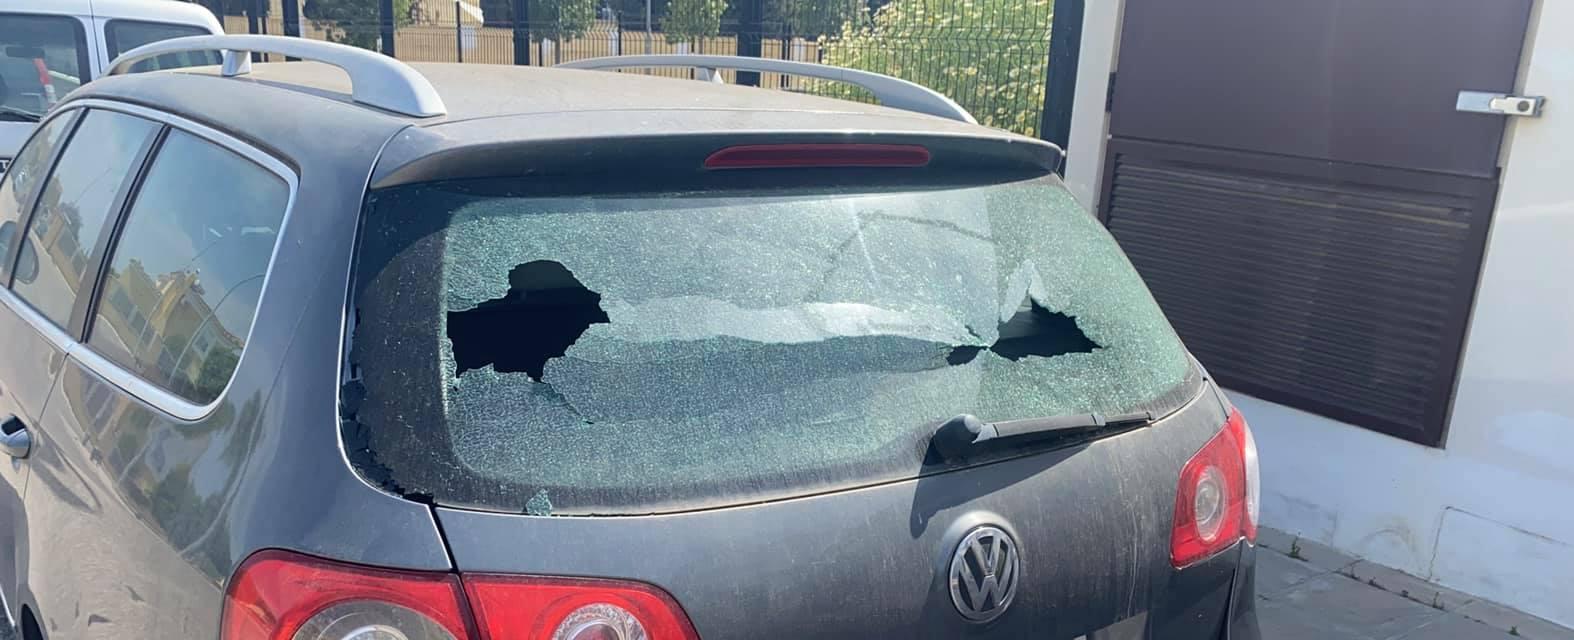 Un niño dejó una nota pidiendo disculpas en el auto al que le rompió un vidrio